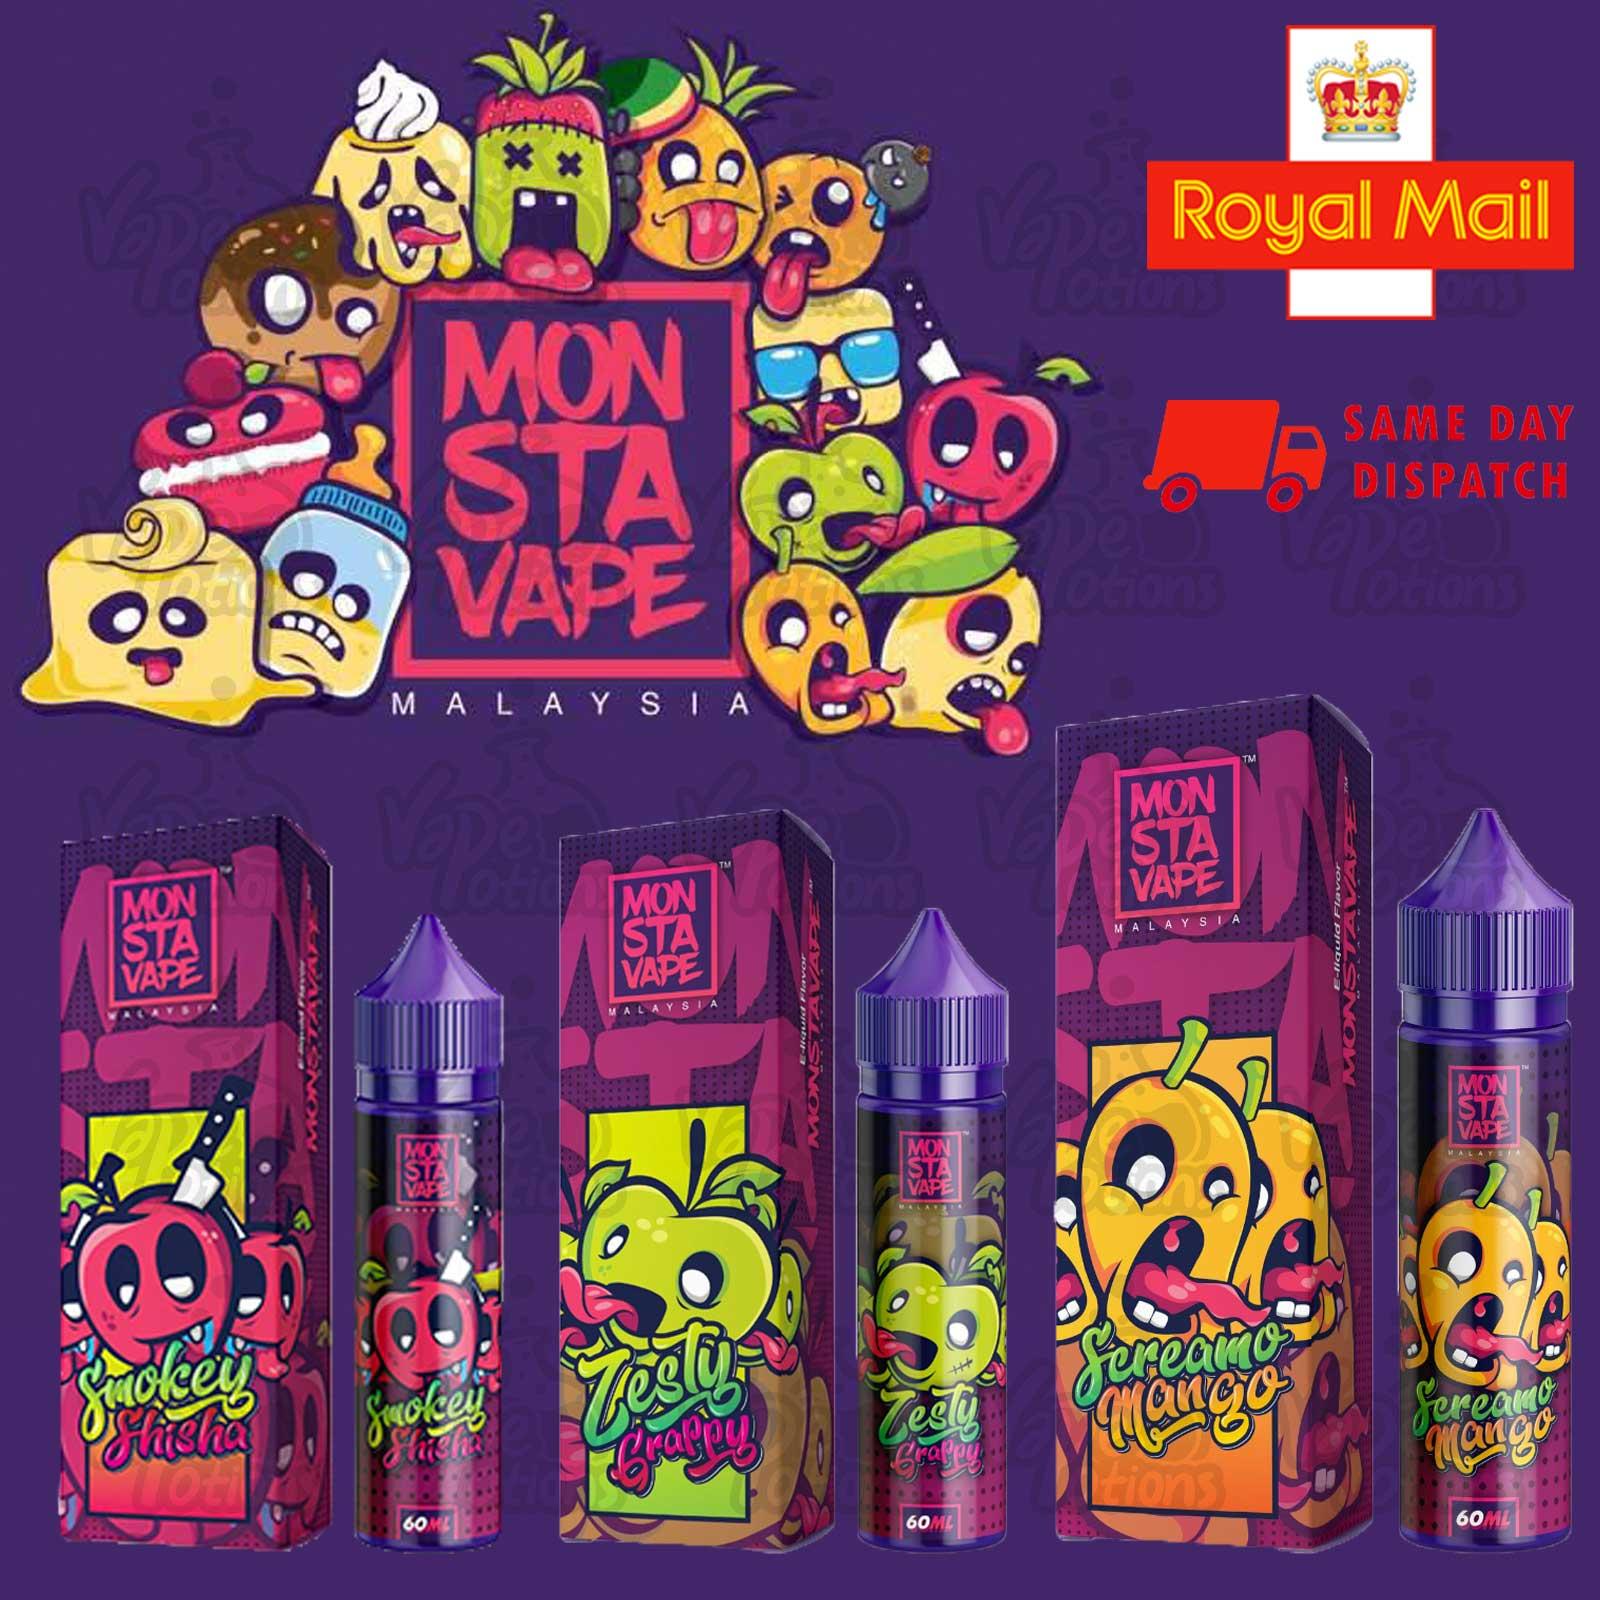 Monsta Vape E Liquid 60ml Shortfill – £7.43